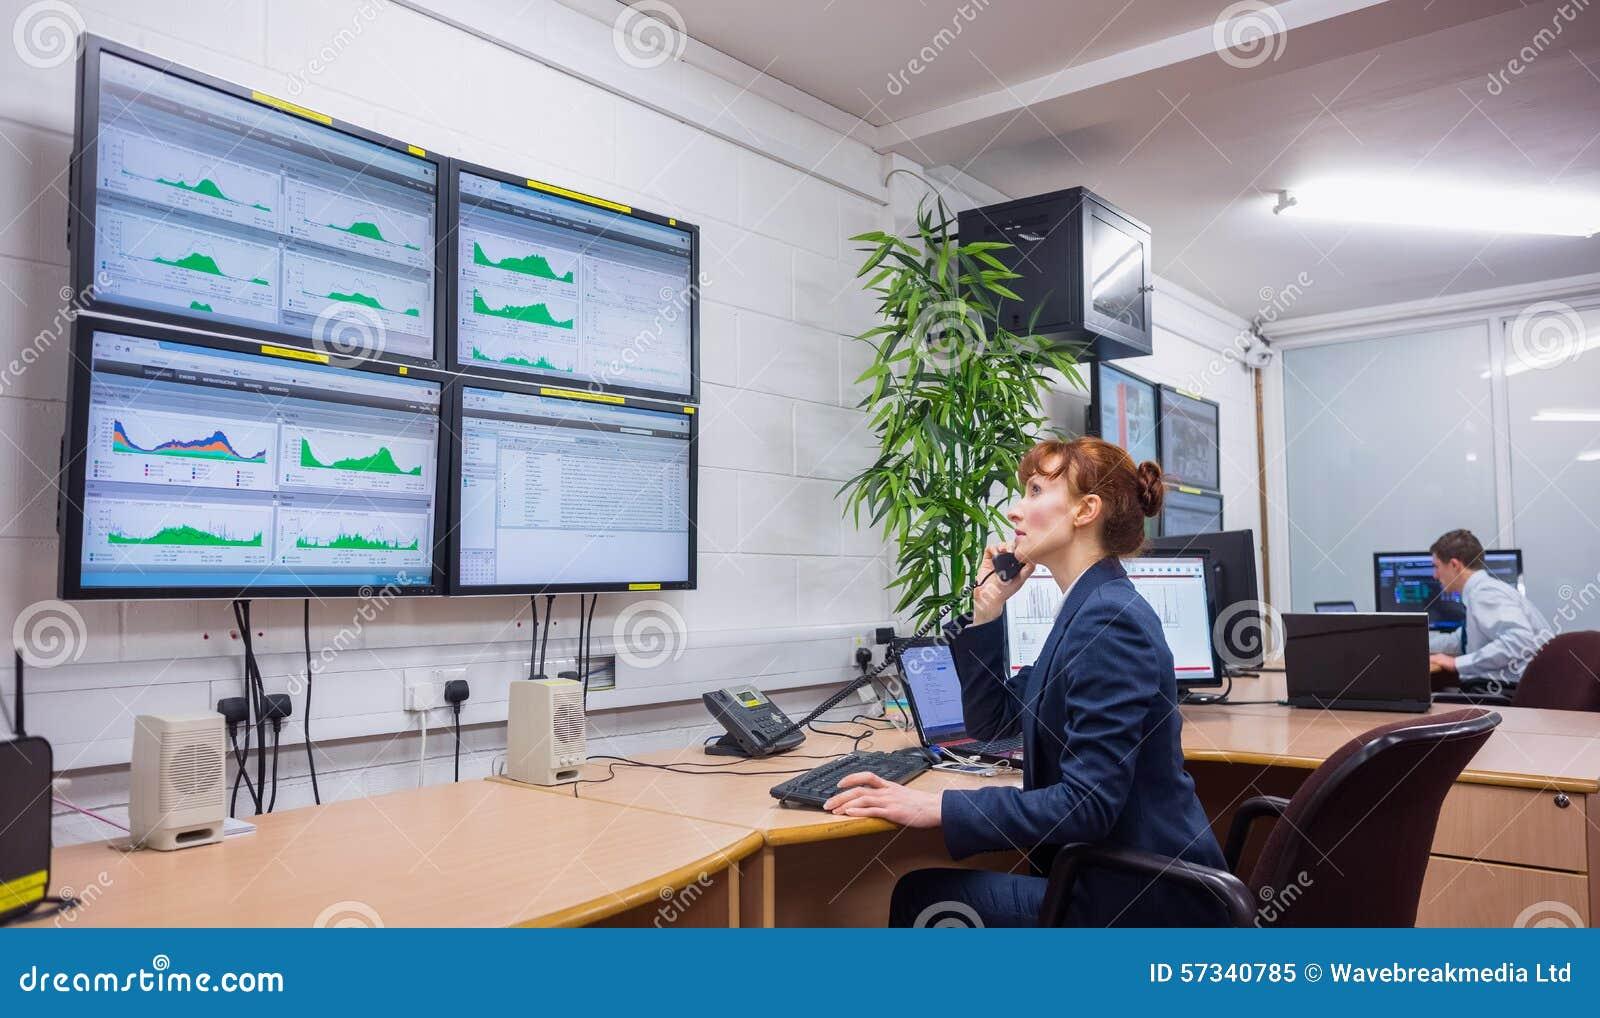 Technicuszitting in bureau lopende diagnostiek